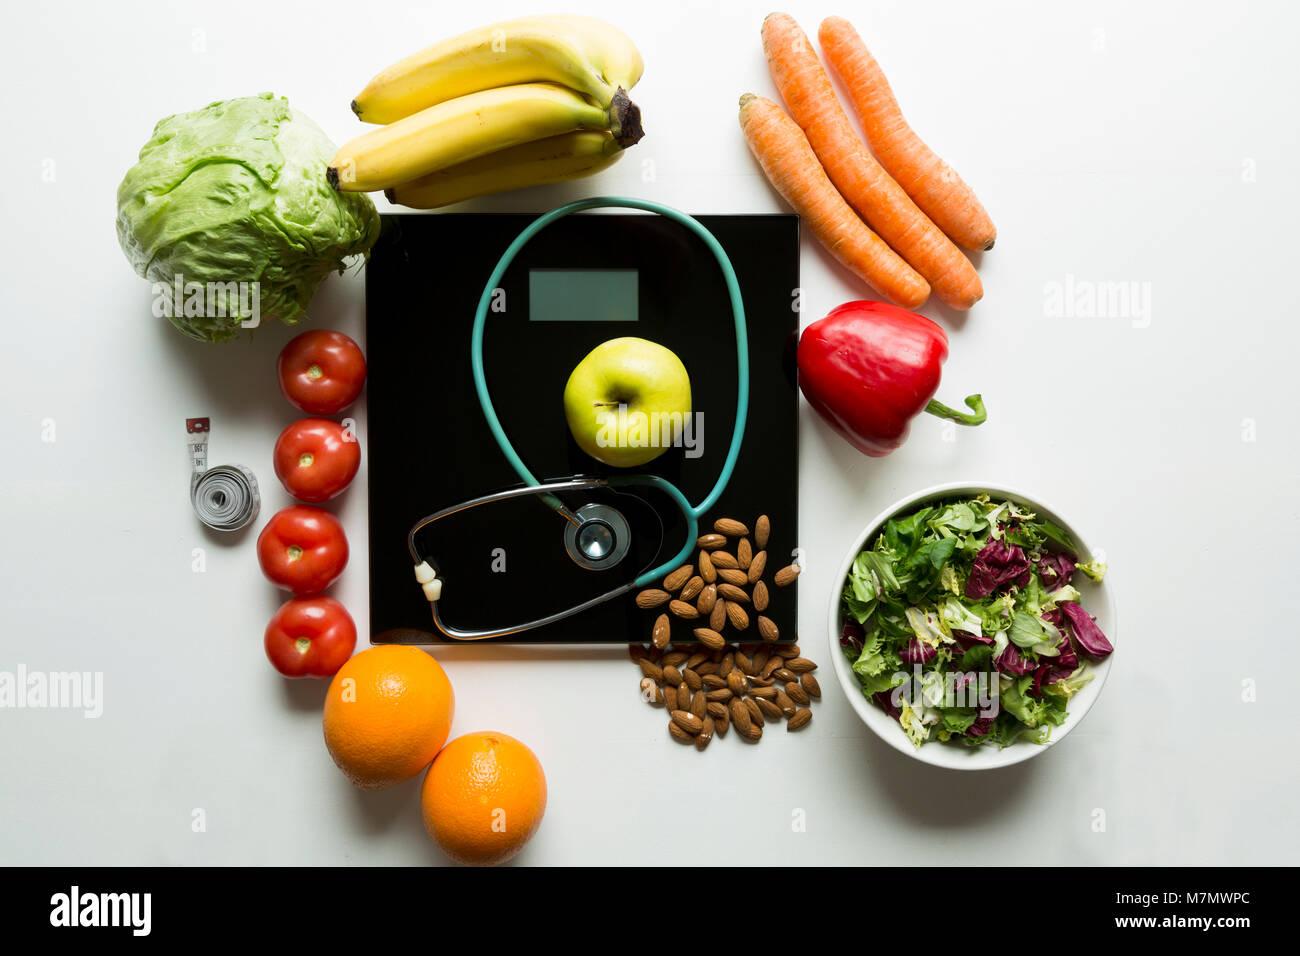 Gesundes Obst, Gemüse und Stethoskop auf Skalen. Gewicht Verlust und richtige Ernährung Konzept Stockbild